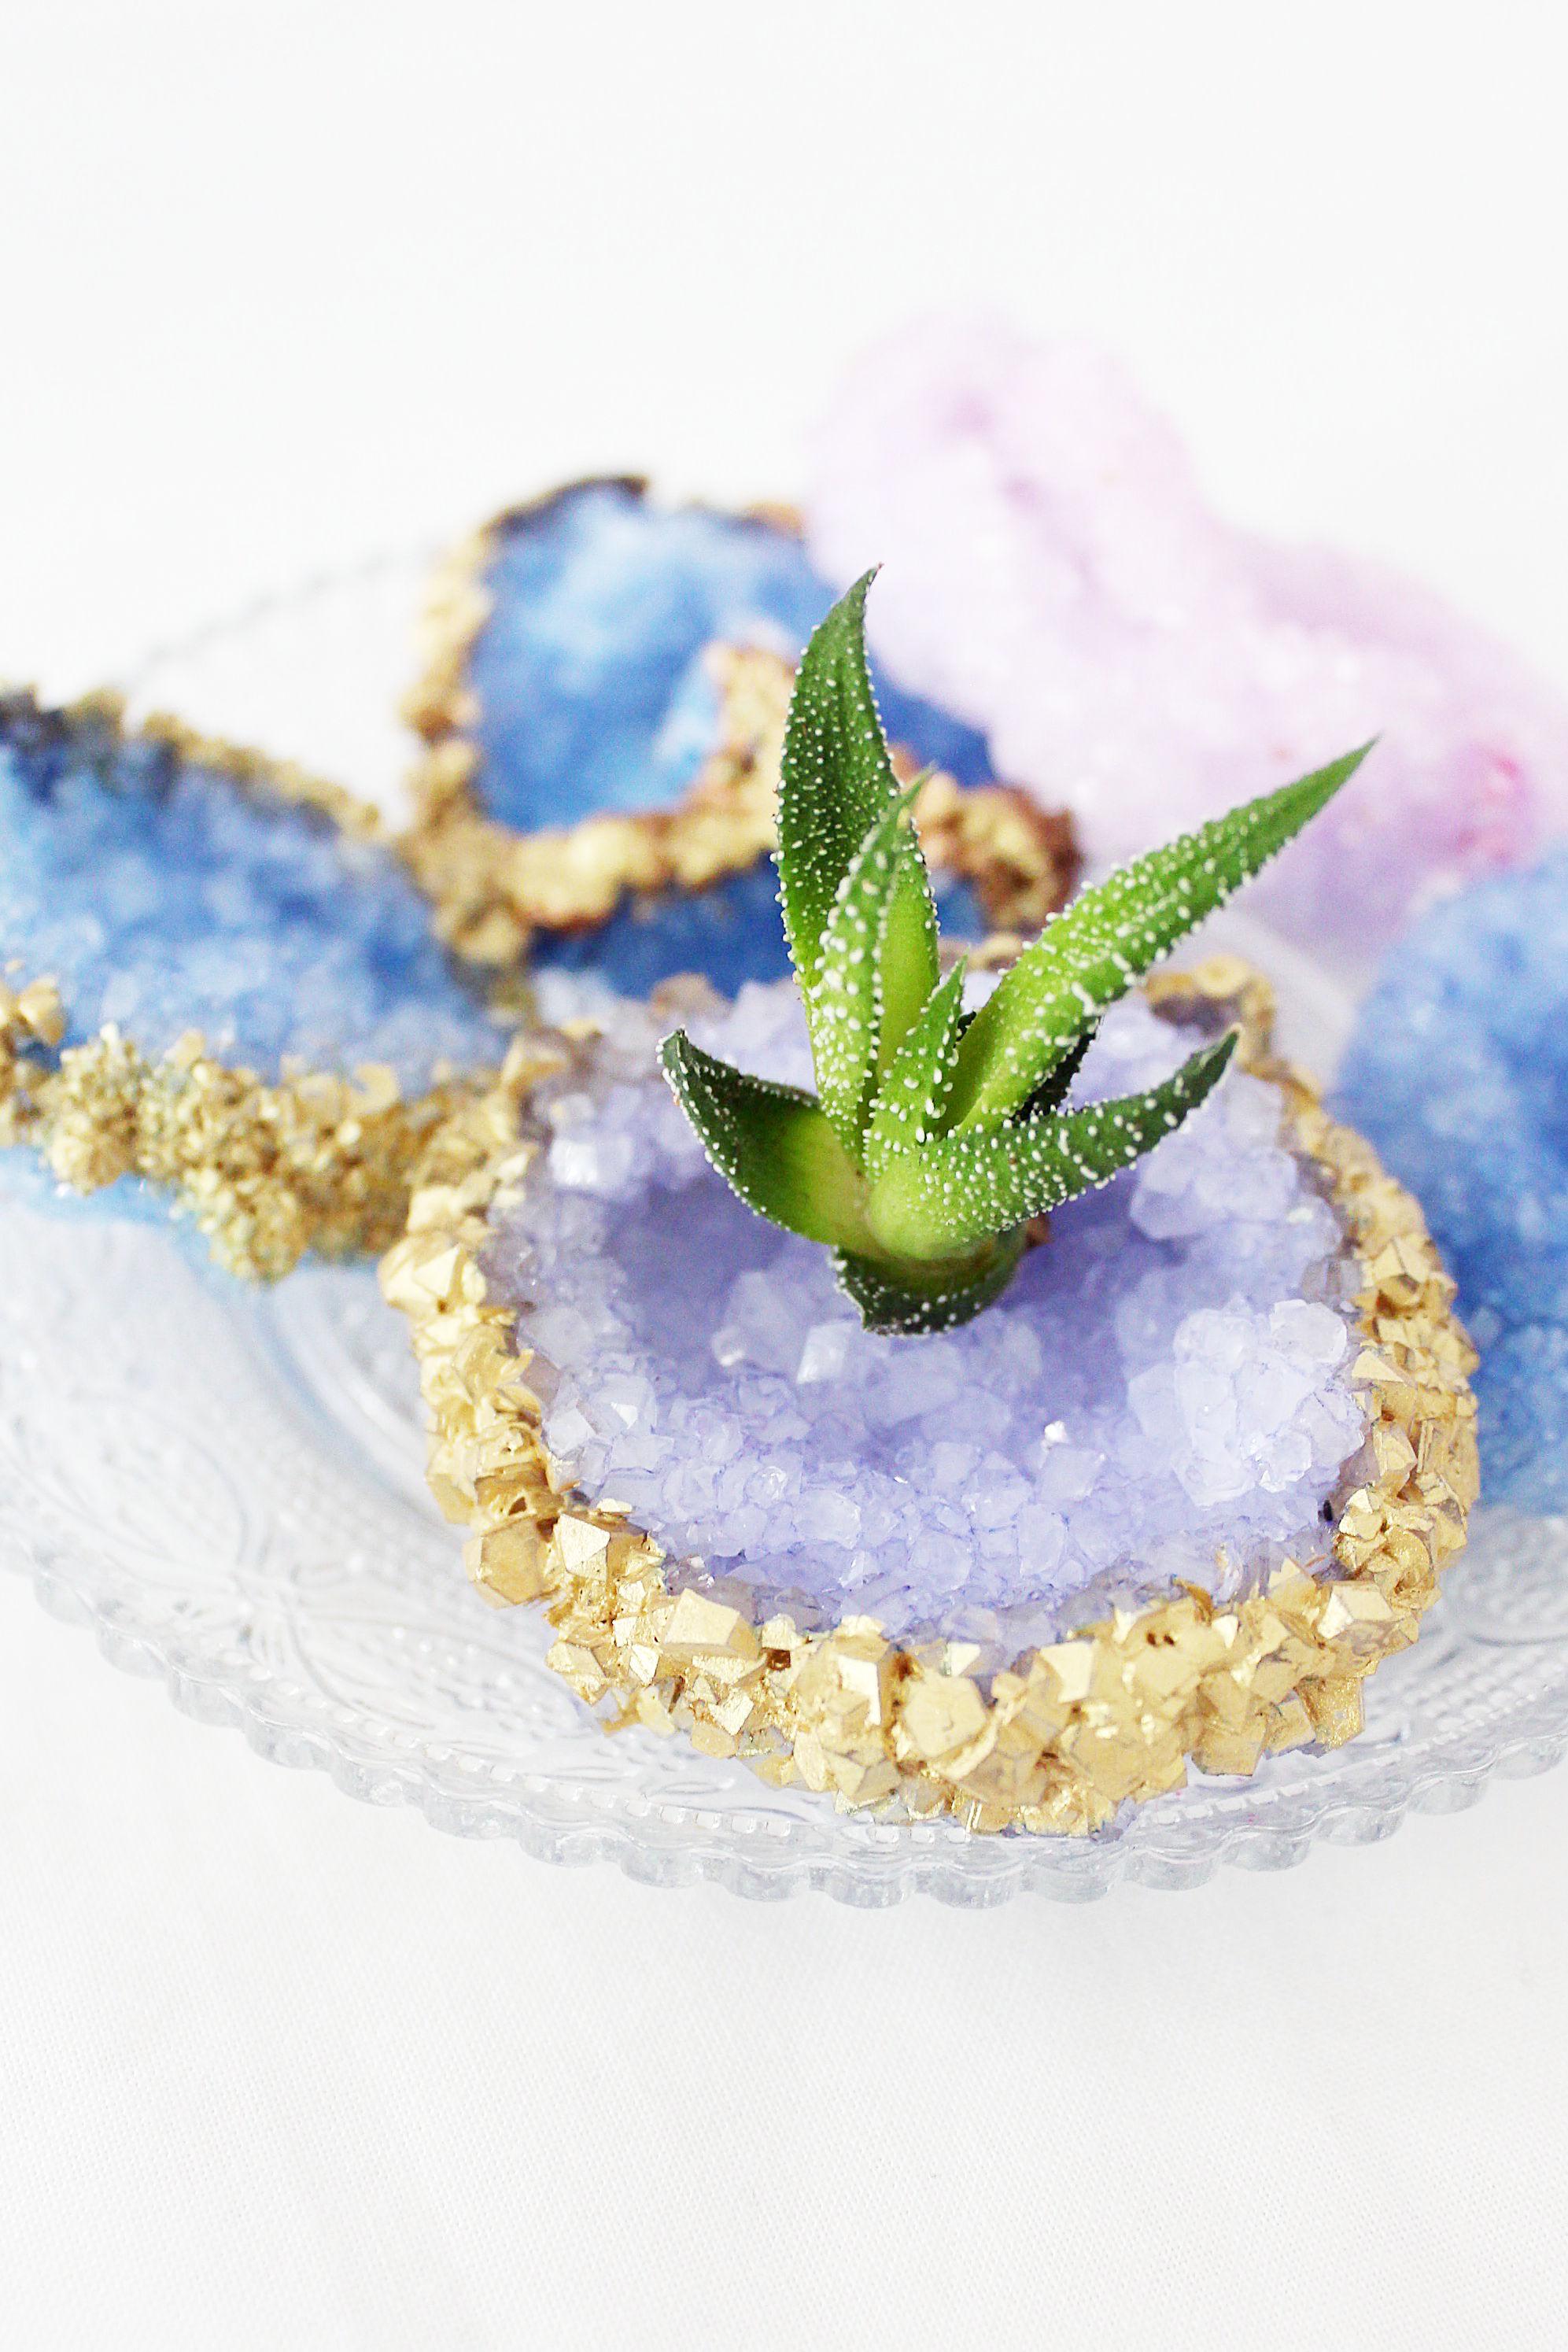 Kristalle-selber-machen